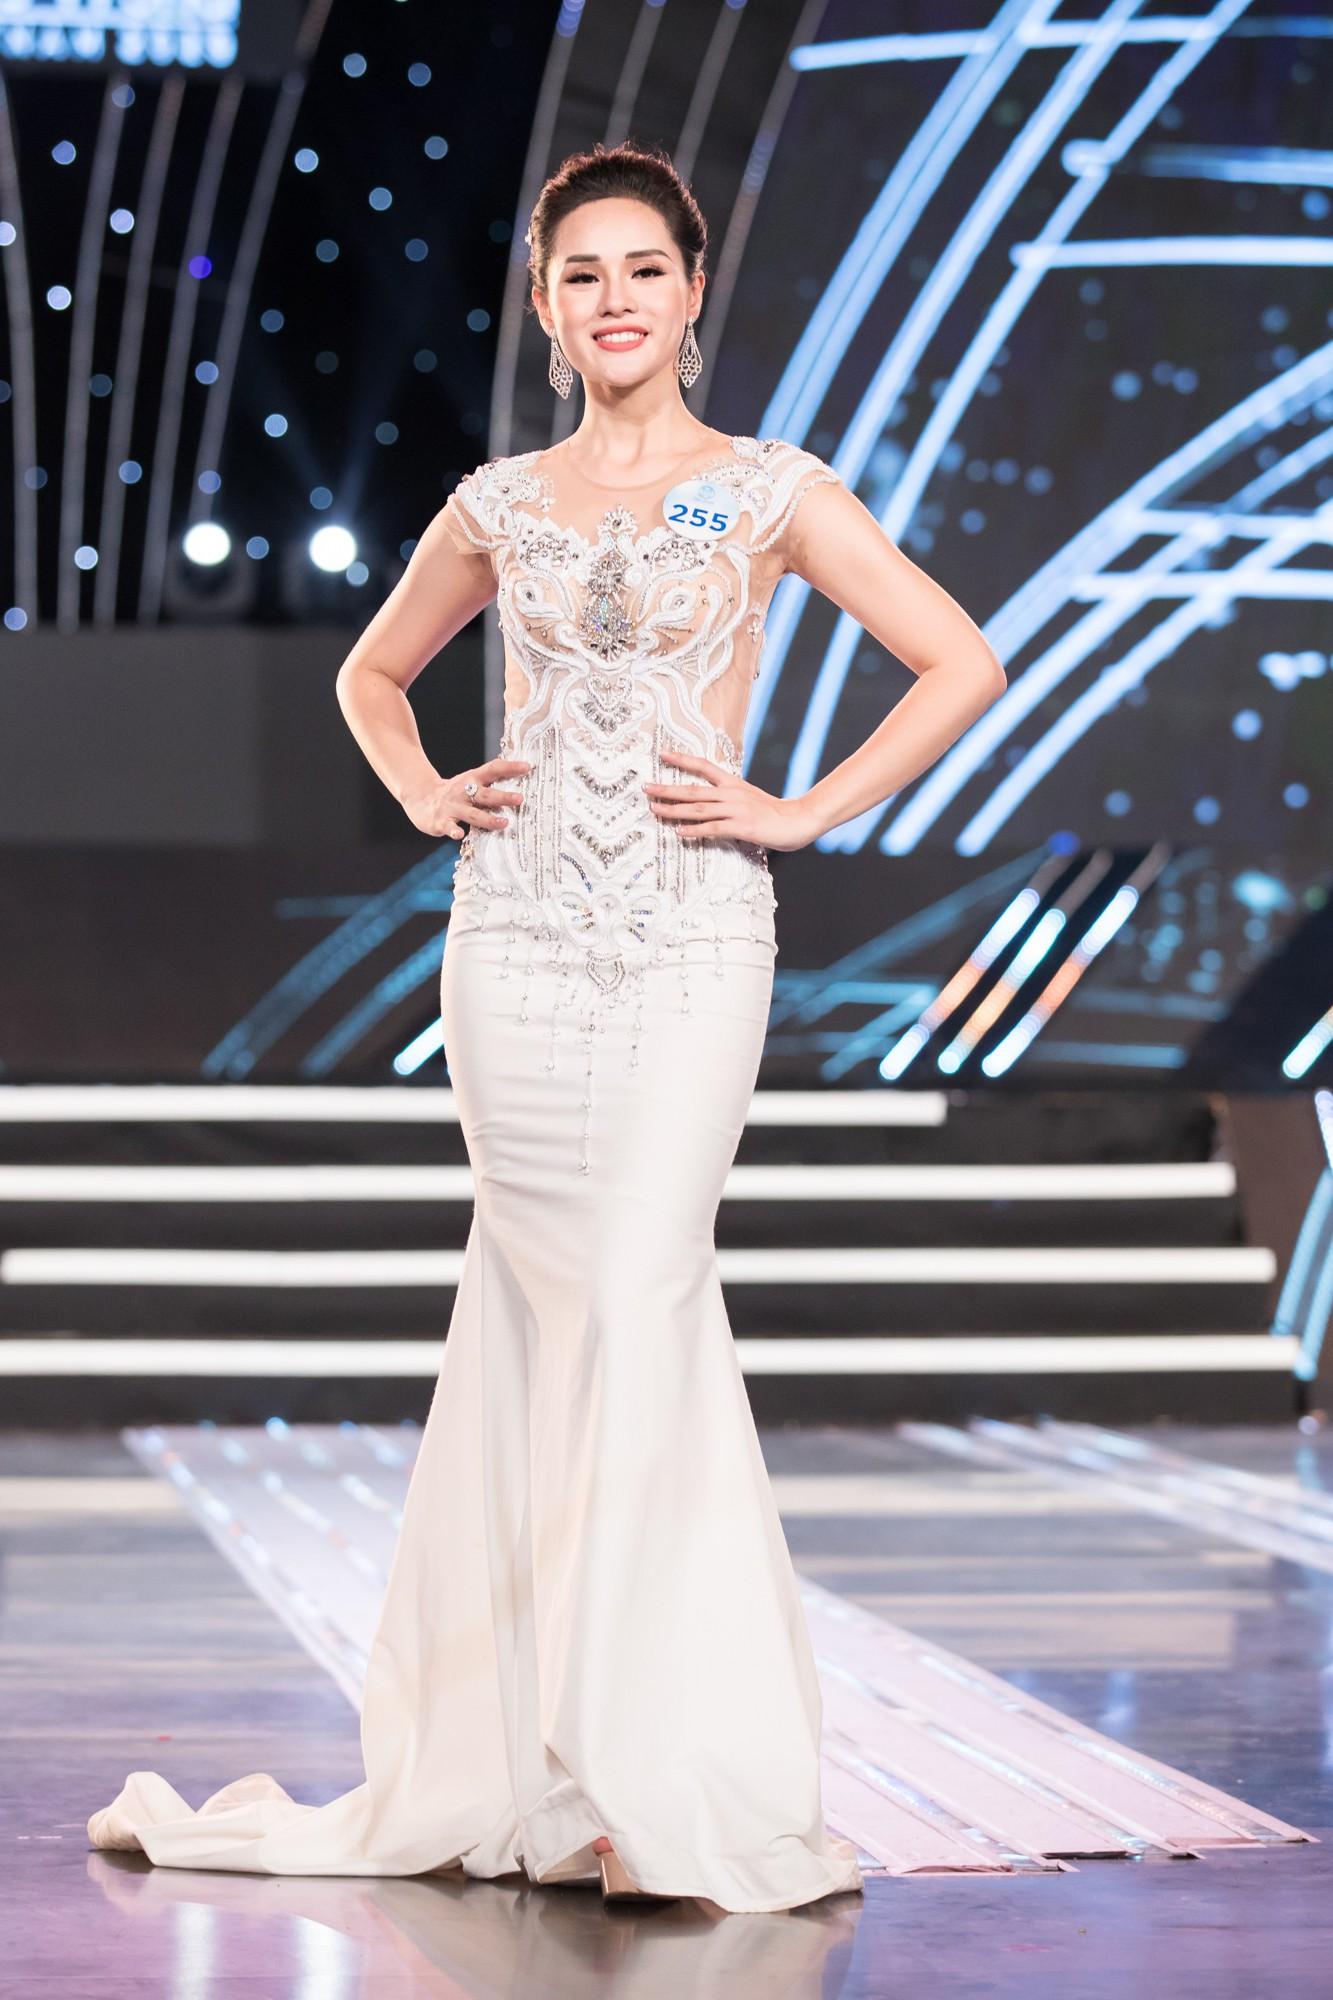 Chính thức lộ diện 20 chiến binh tiếp theo bước vào vòng chung kết Miss World Việt Nam 2019 - Ảnh 8.